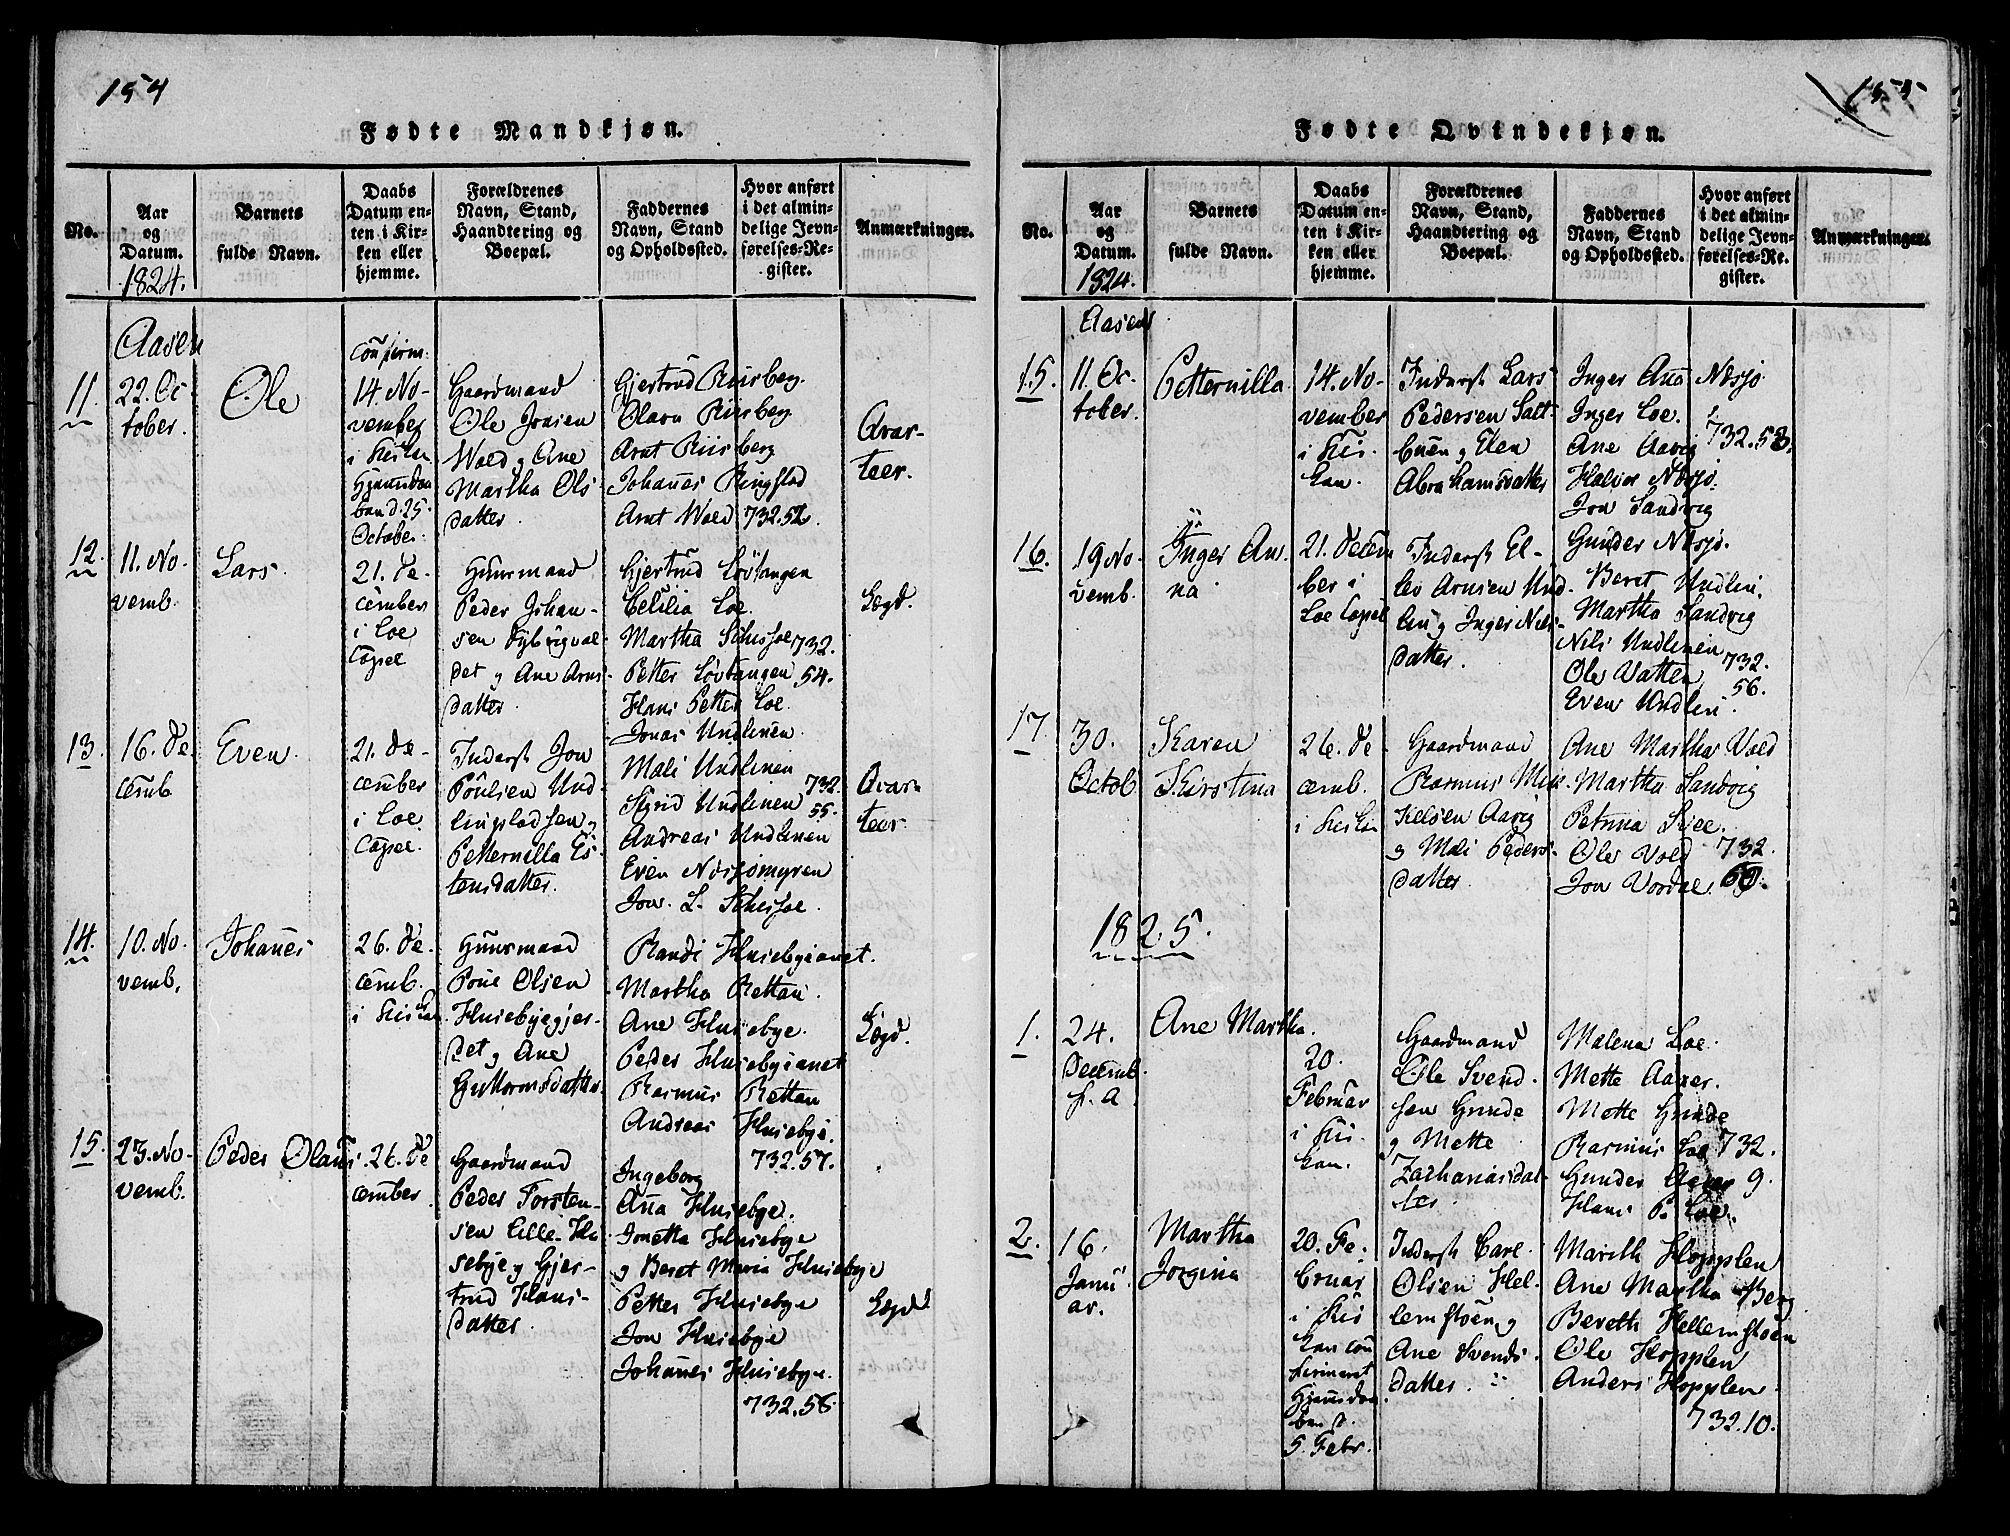 SAT, Ministerialprotokoller, klokkerbøker og fødselsregistre - Nord-Trøndelag, 713/L0112: Ministerialbok nr. 713A04 /2, 1817-1827, s. 154-155